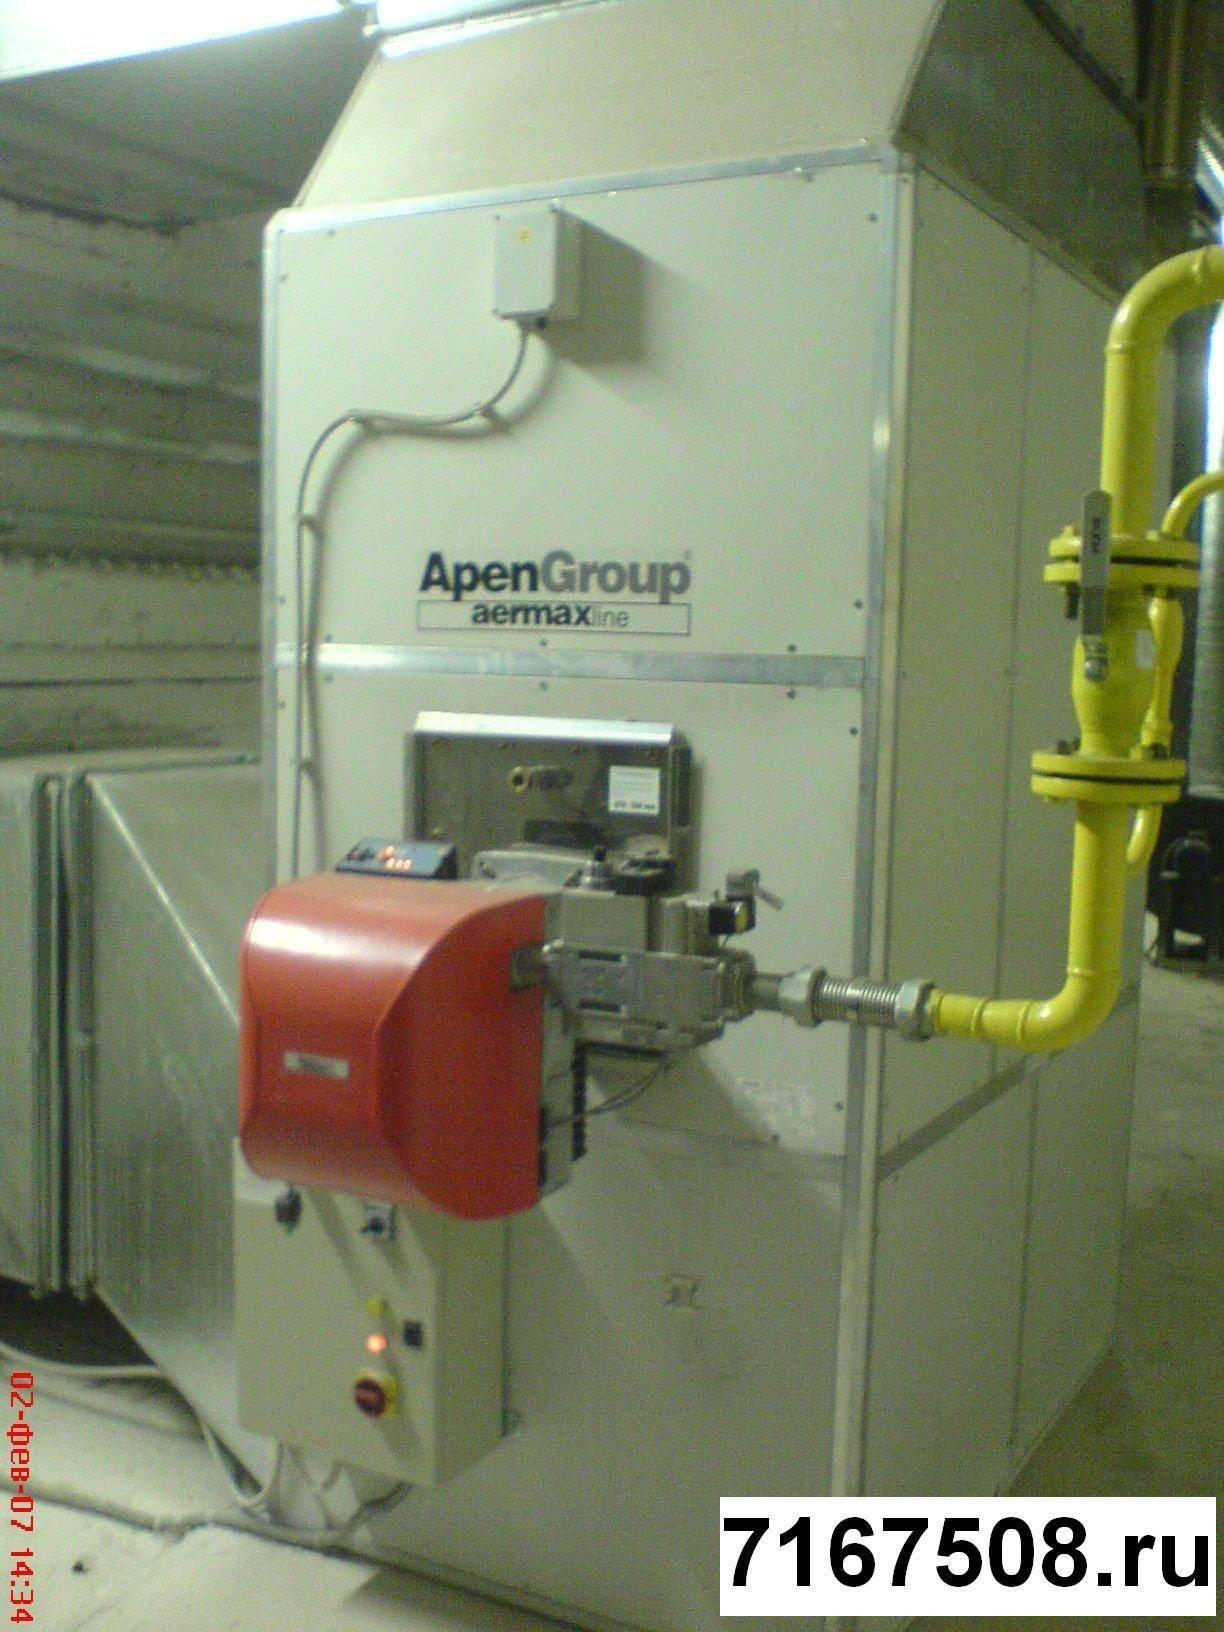 Система воздушного отопления: разновидности и принцип работы